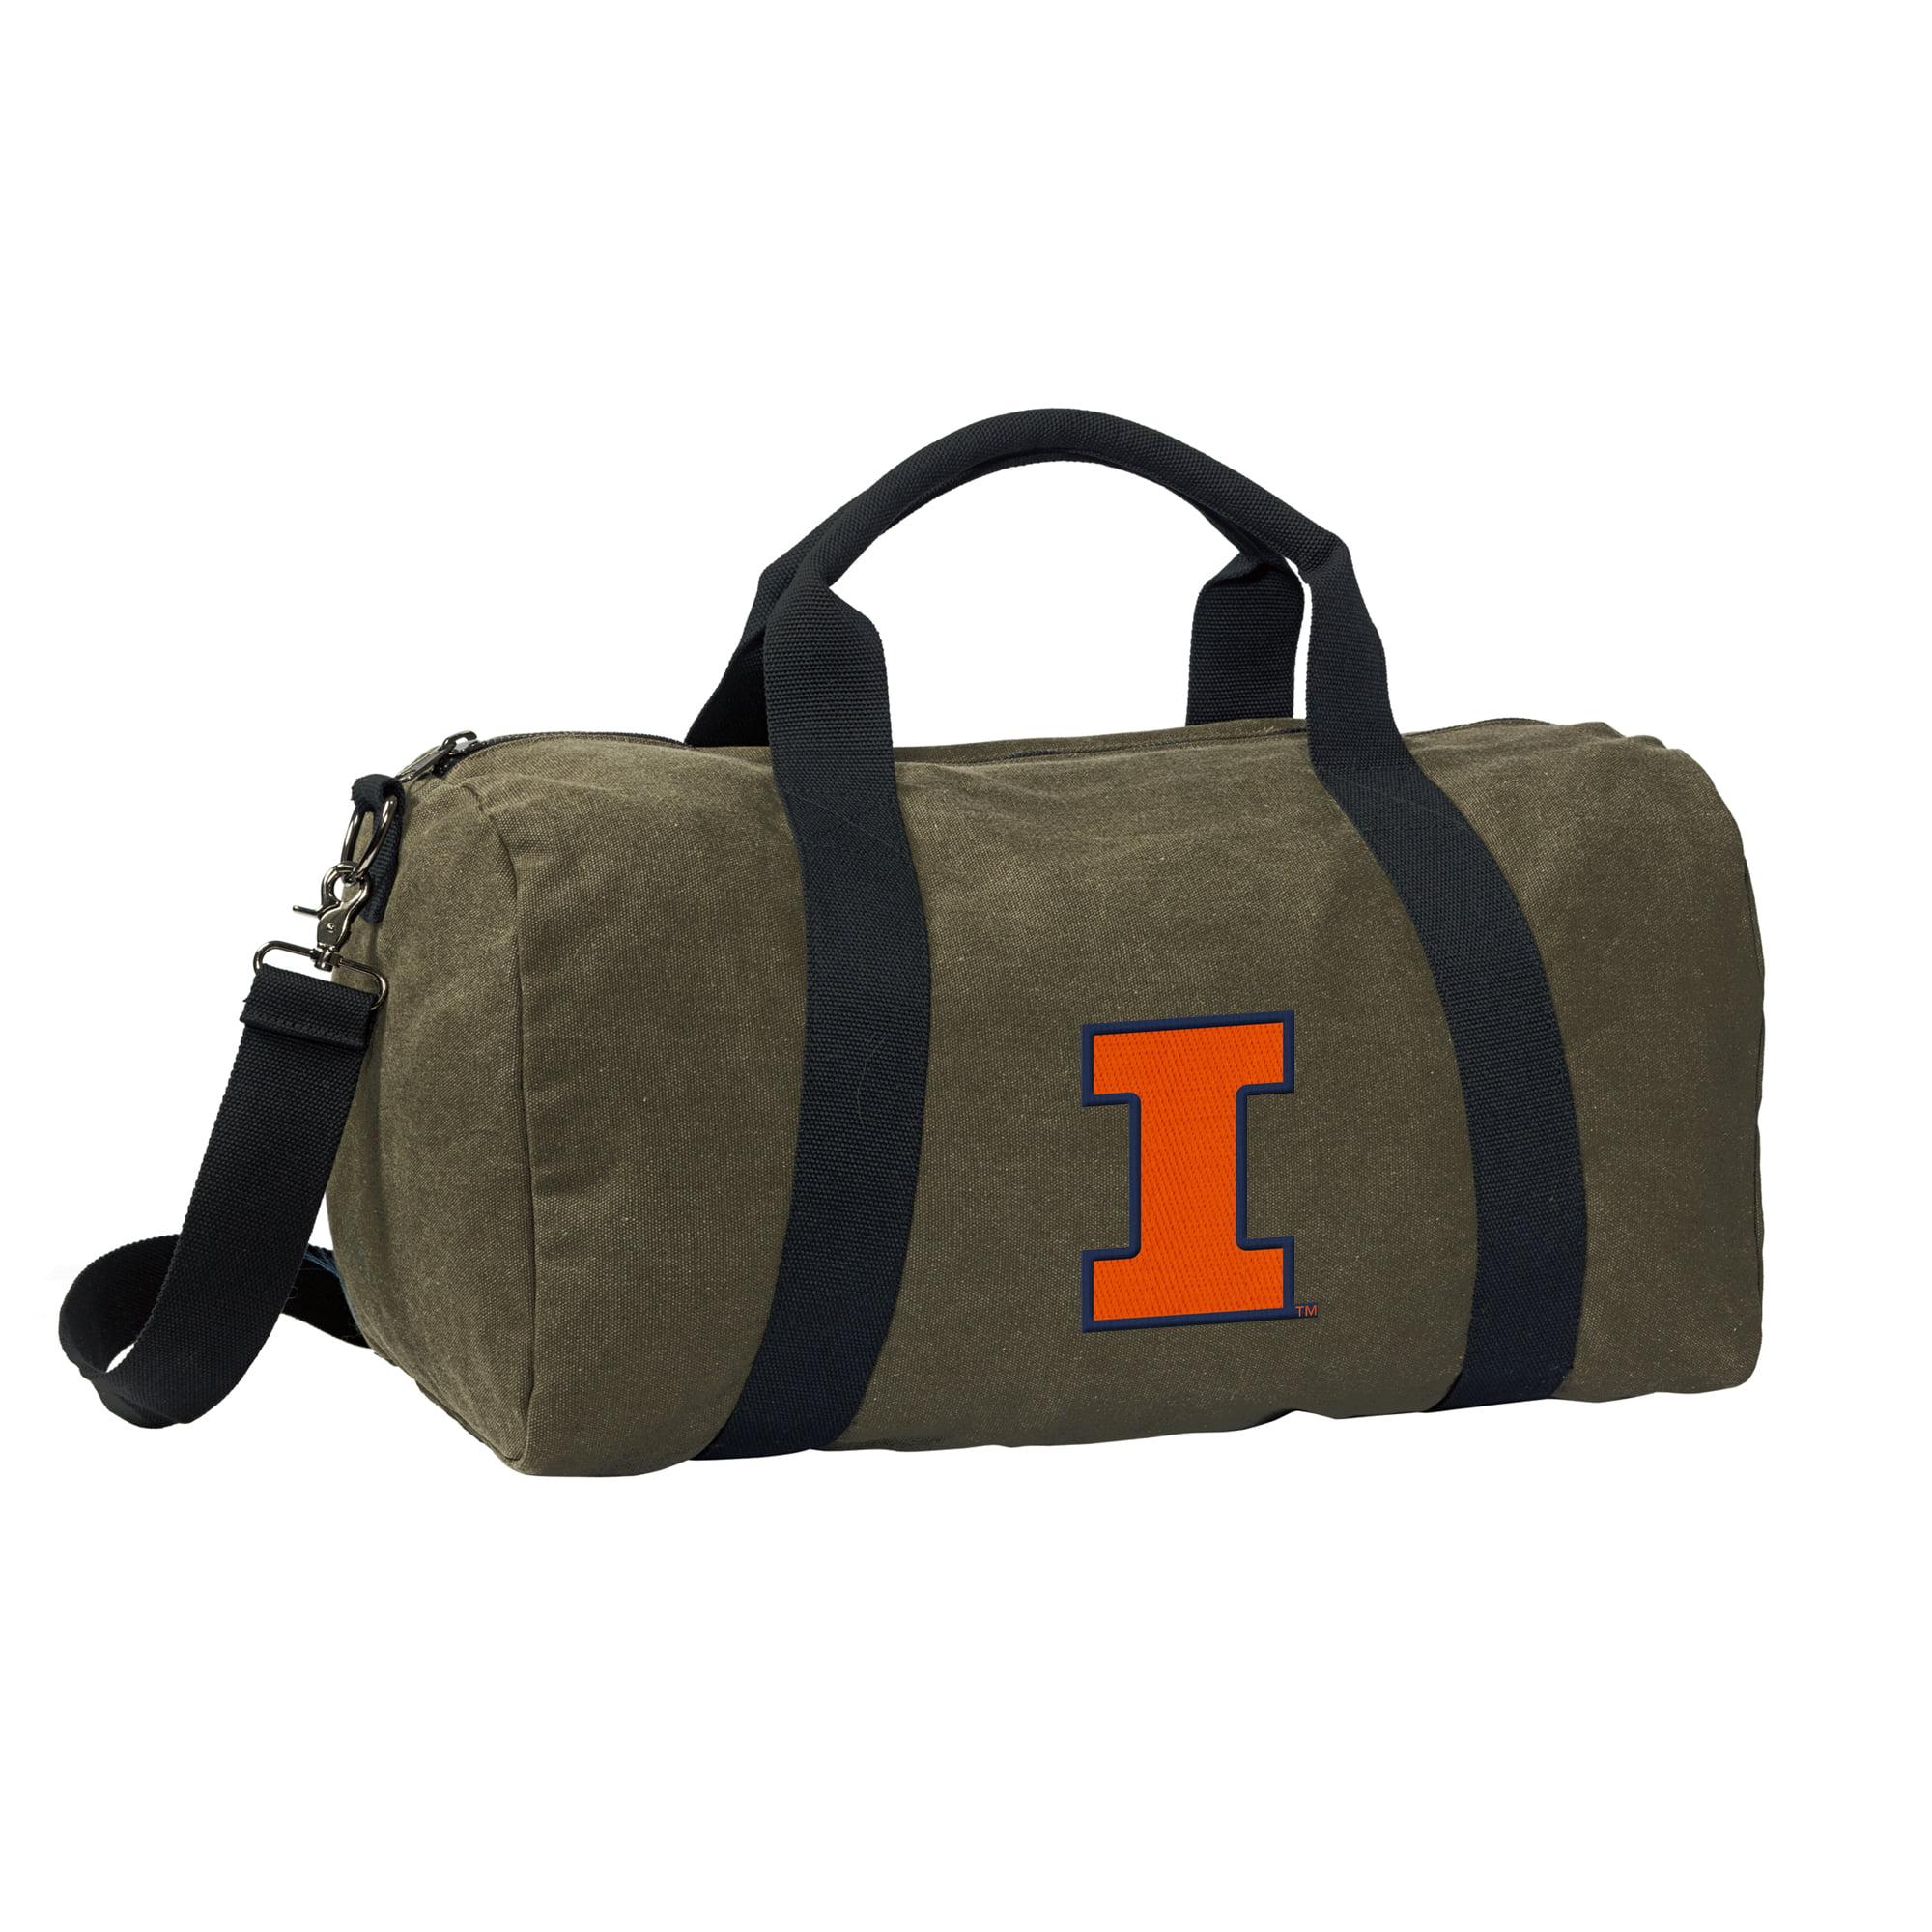 Illini Duffle Bag CANVAS University of Illinois Luggage Bag by